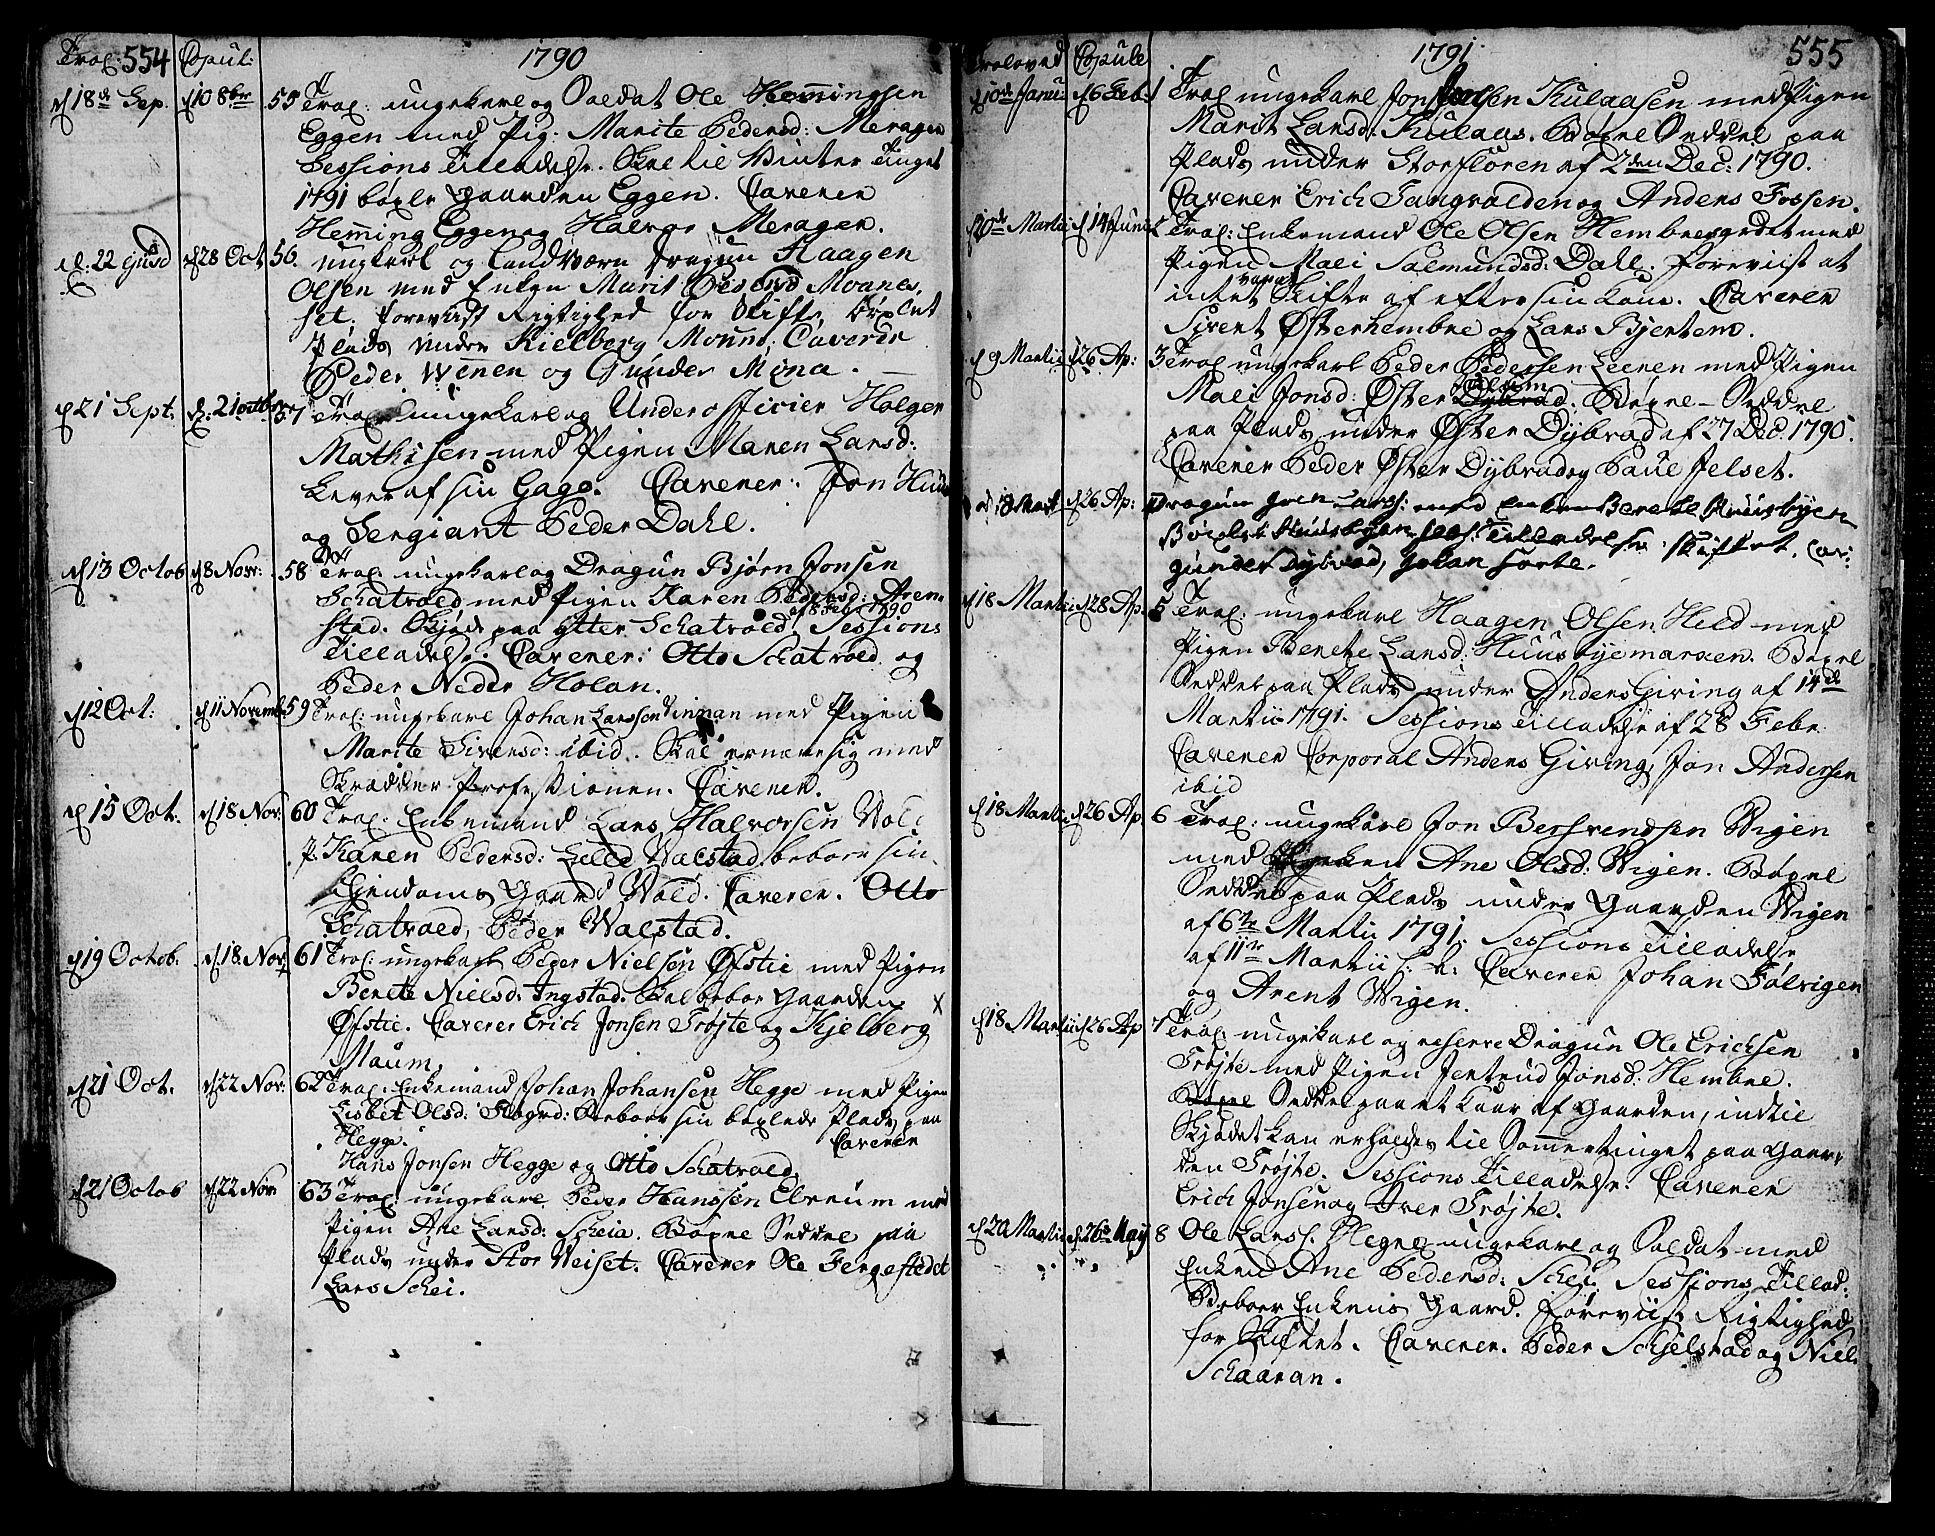 SAT, Ministerialprotokoller, klokkerbøker og fødselsregistre - Nord-Trøndelag, 709/L0059: Ministerialbok nr. 709A06, 1781-1797, s. 554-555